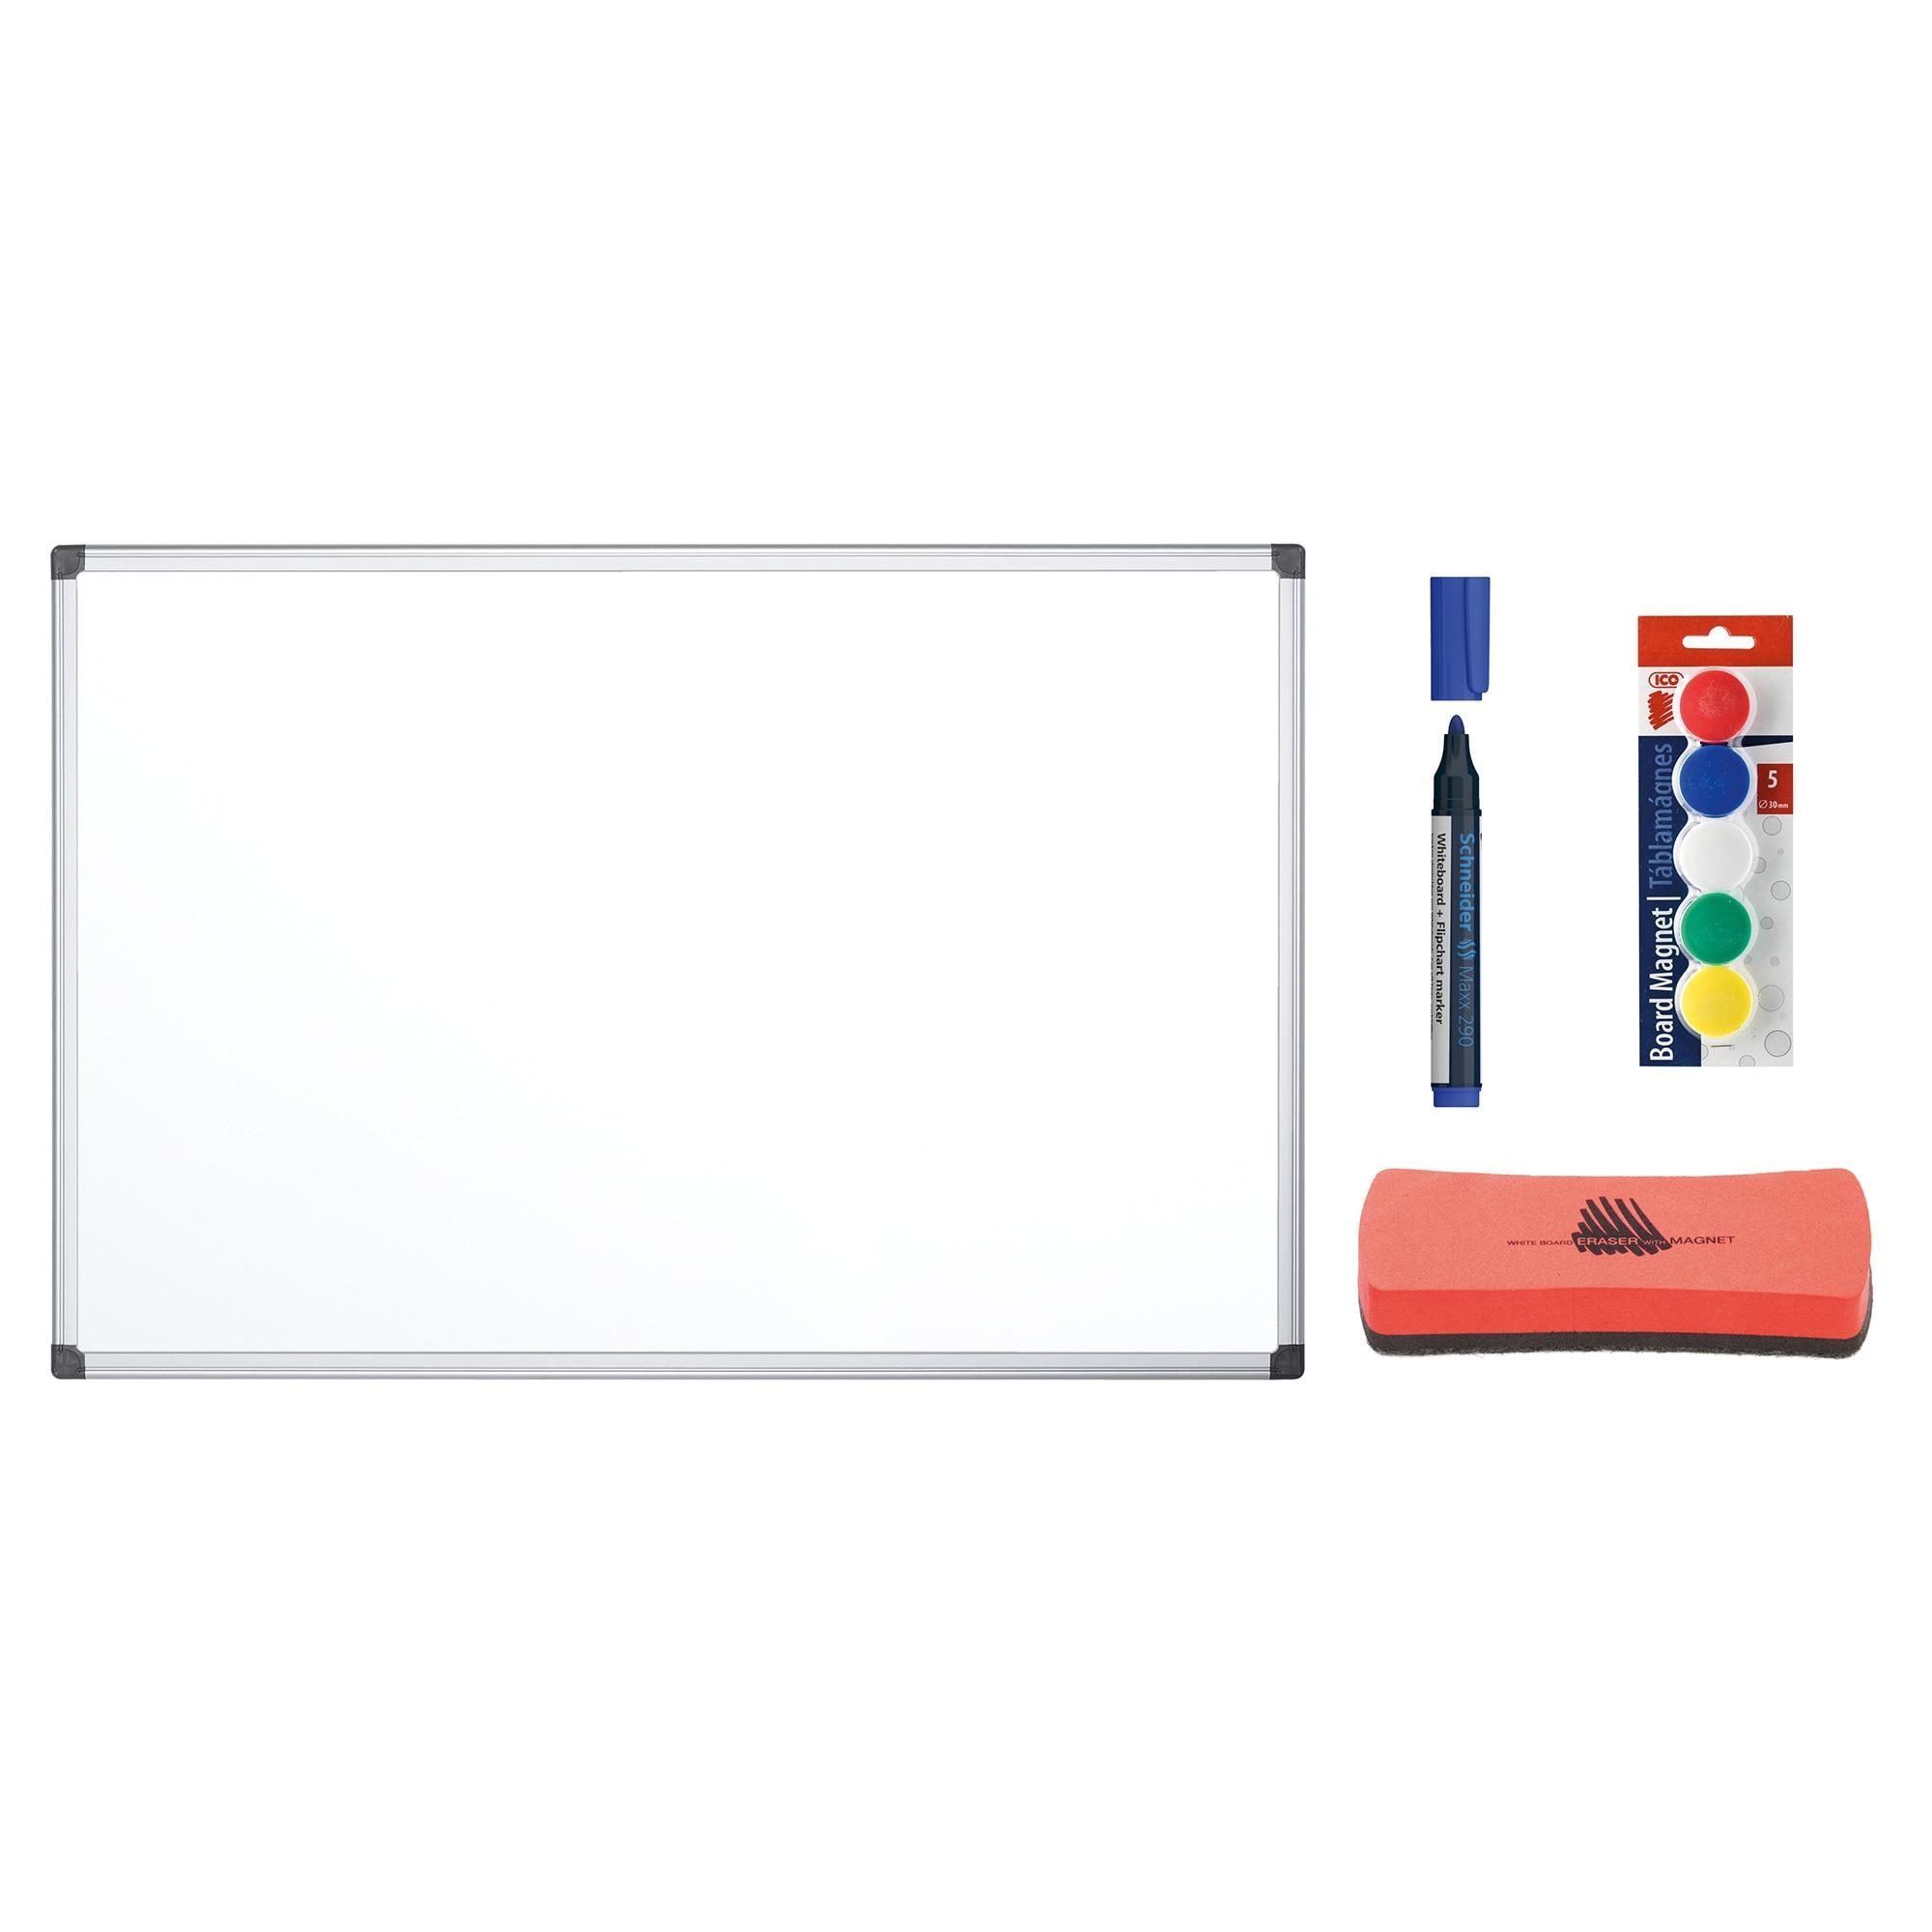 Fotografie Tabla magnetica cu rama aluminiu Bi-Silque 120 x 90 cm si accesorii: magneti ICO